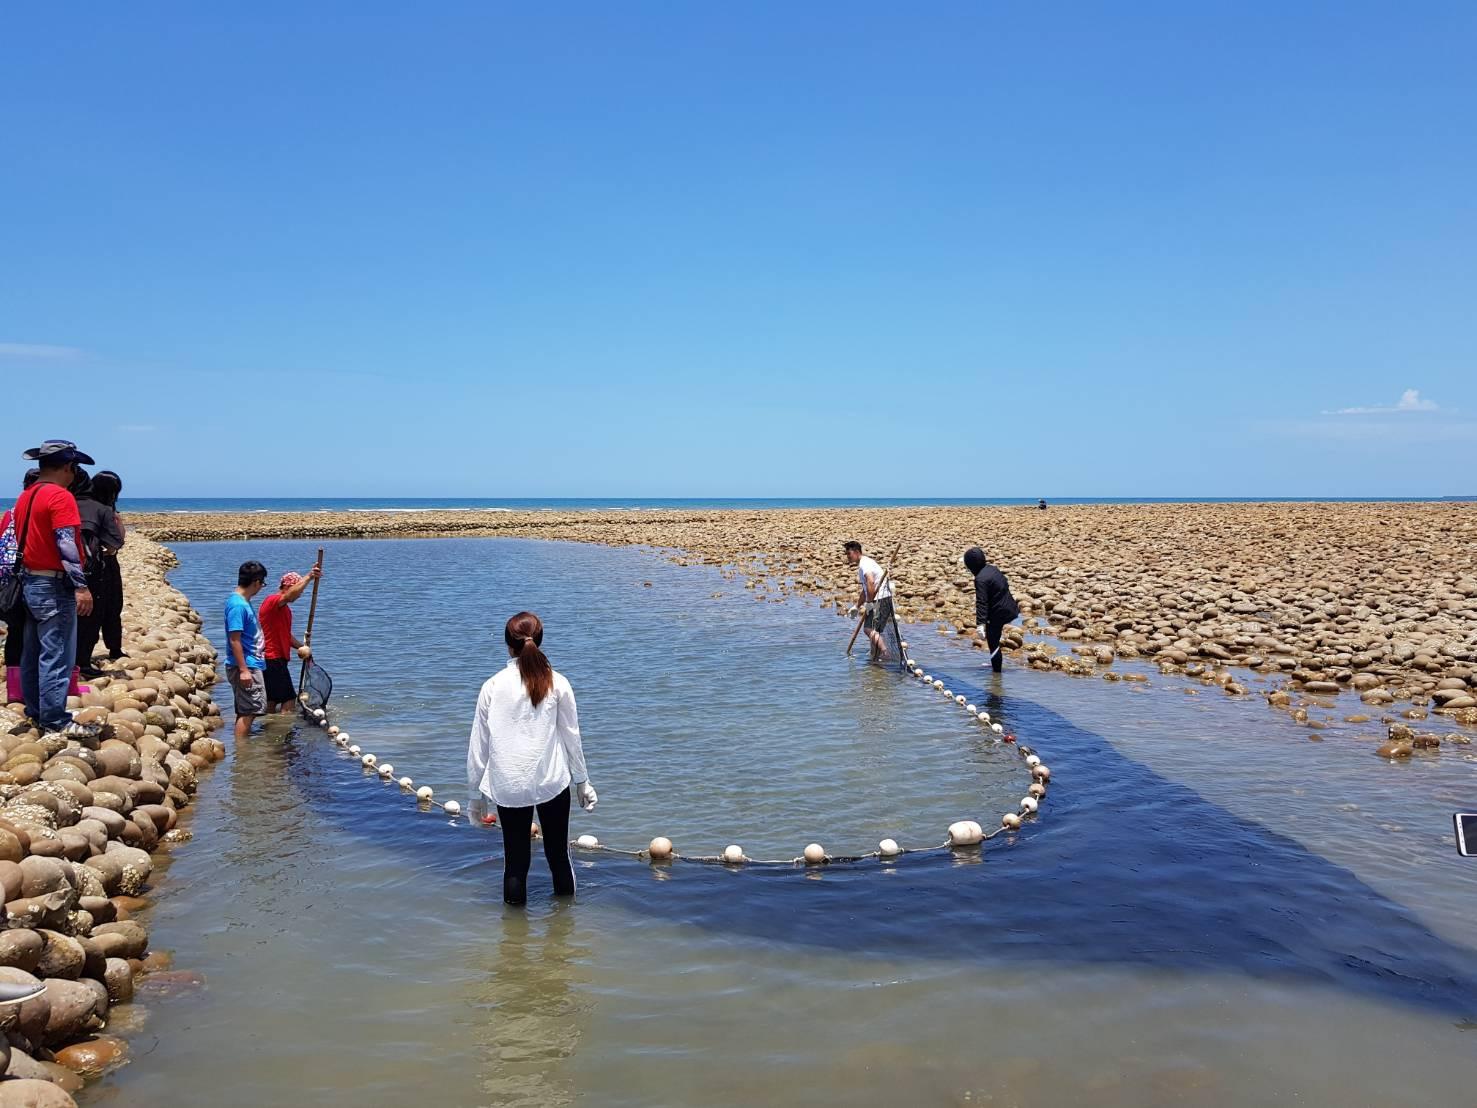 石滬是漁民利用潮差捕魚的工具